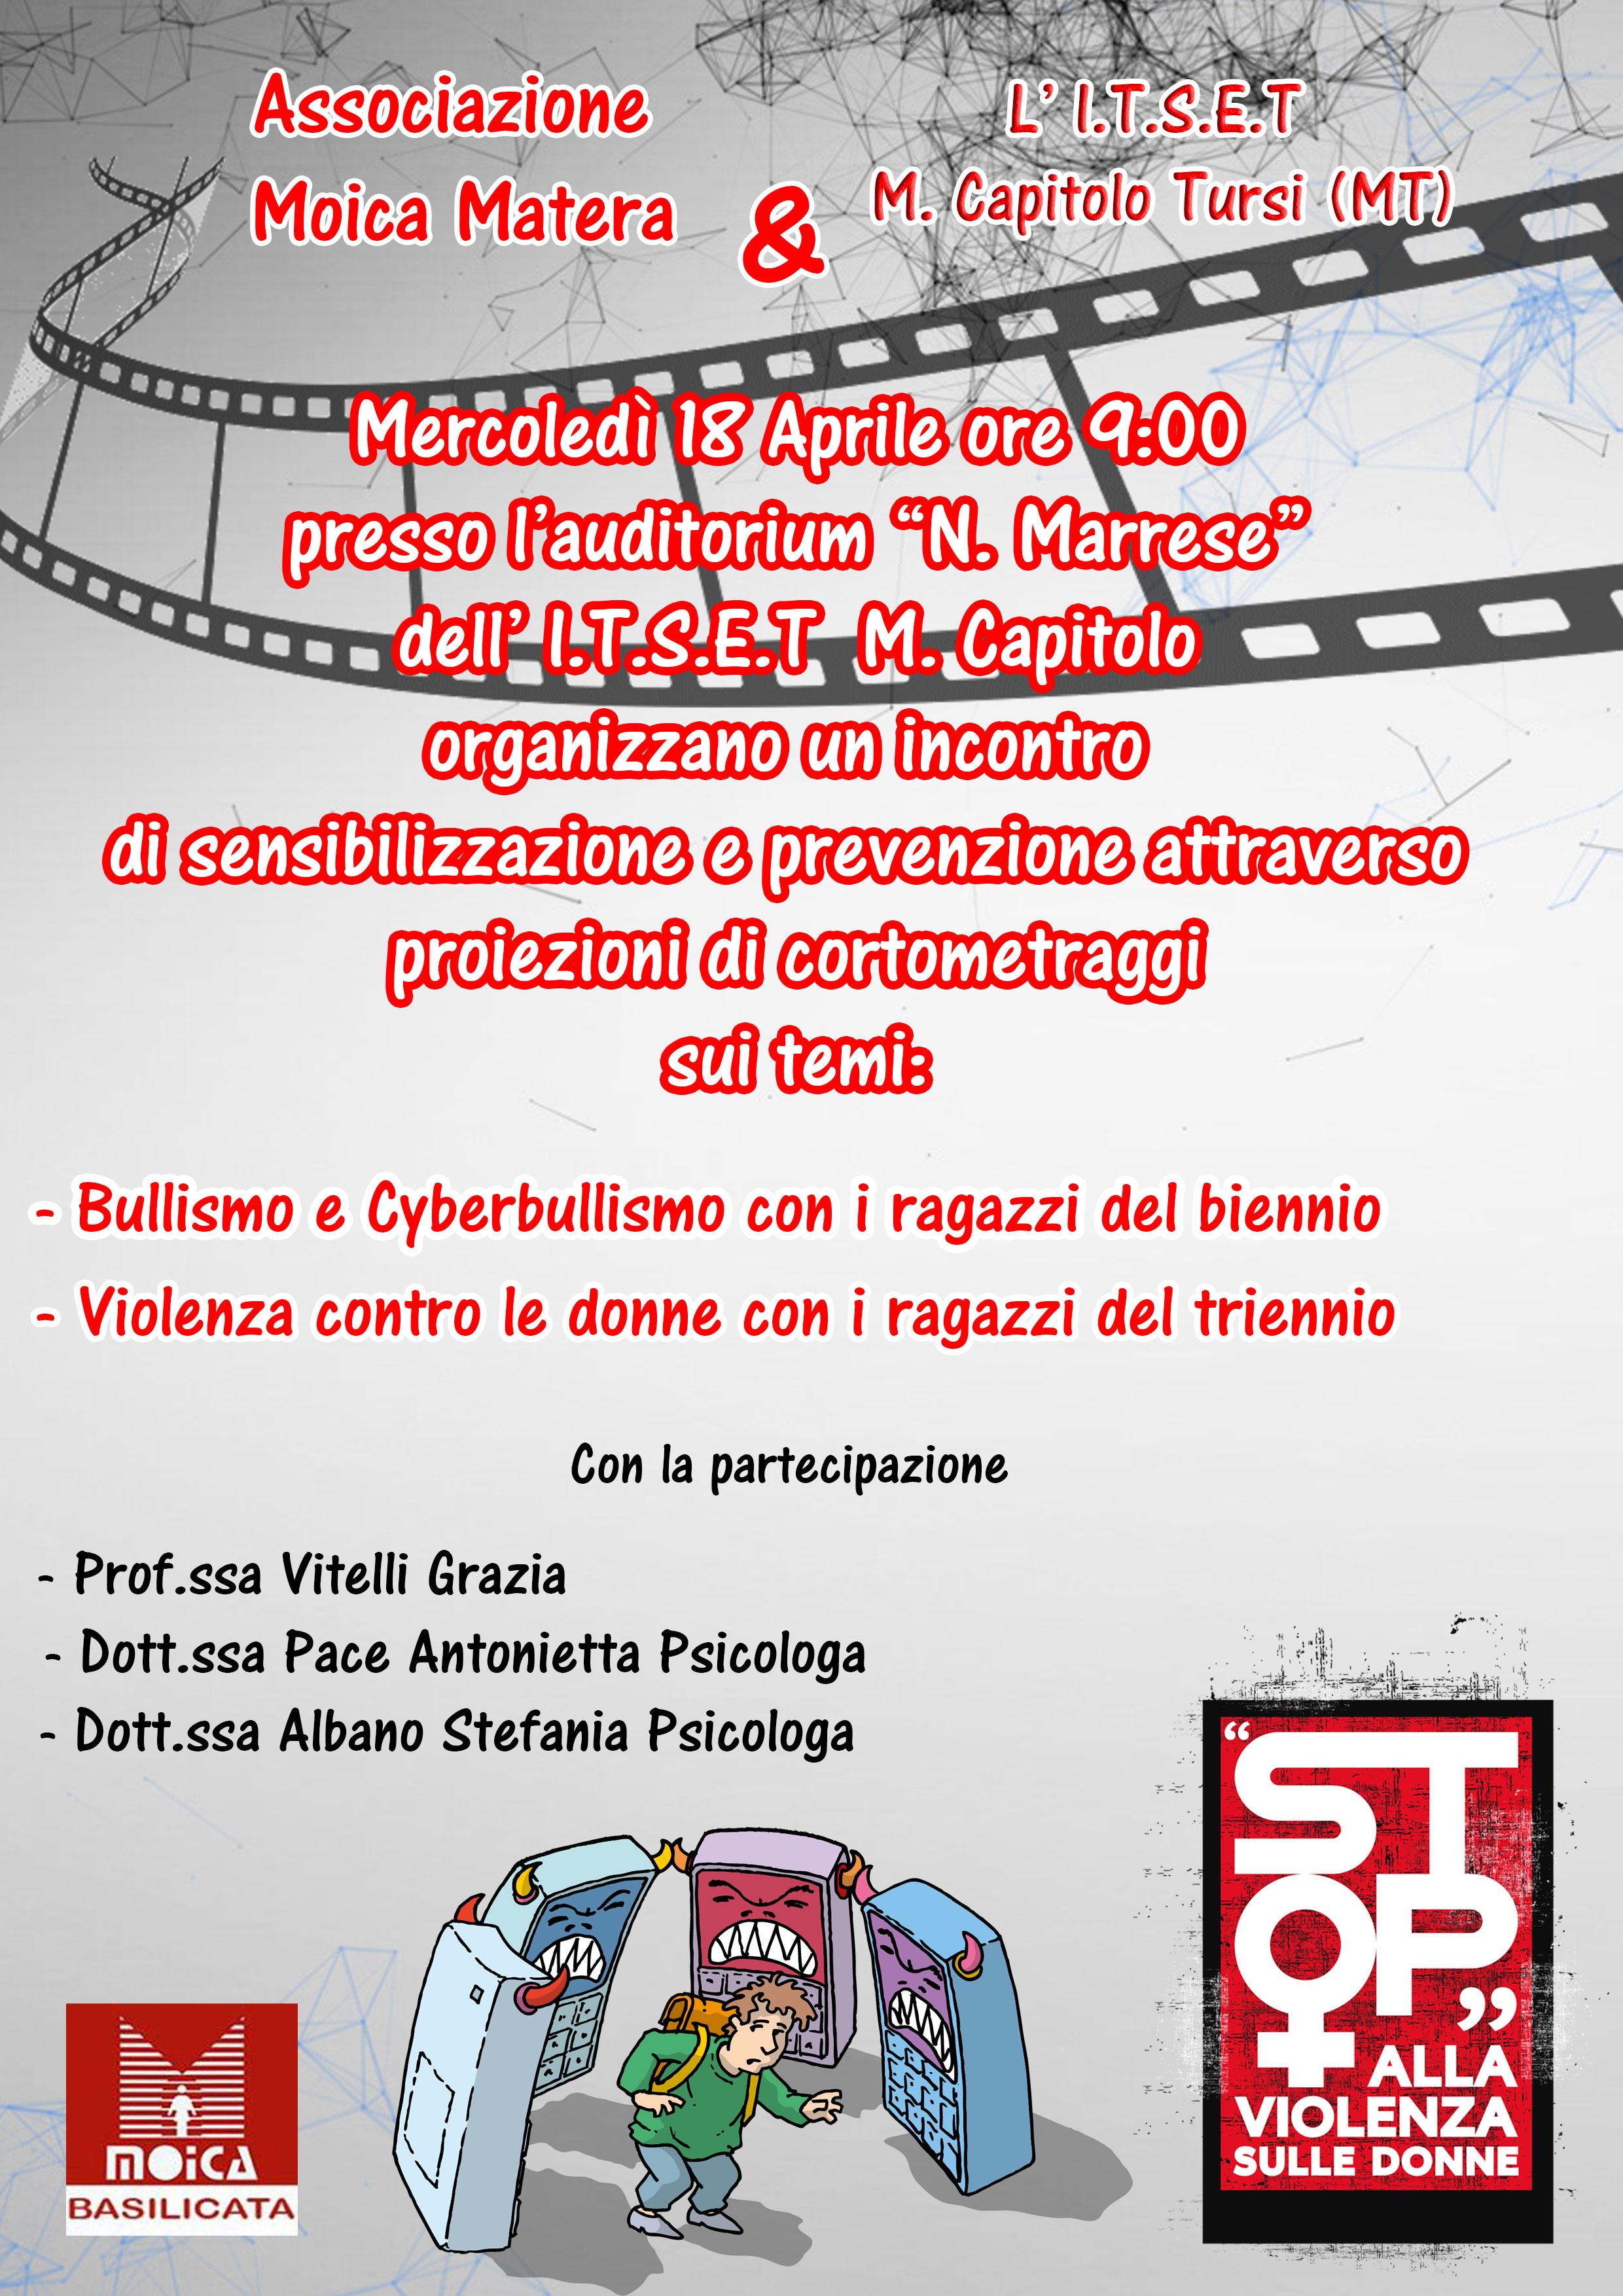 """All'Itset """"M. Capitolo"""" di Tursi si parla di bullismo, cyberbullismo e violenza sulle donne"""